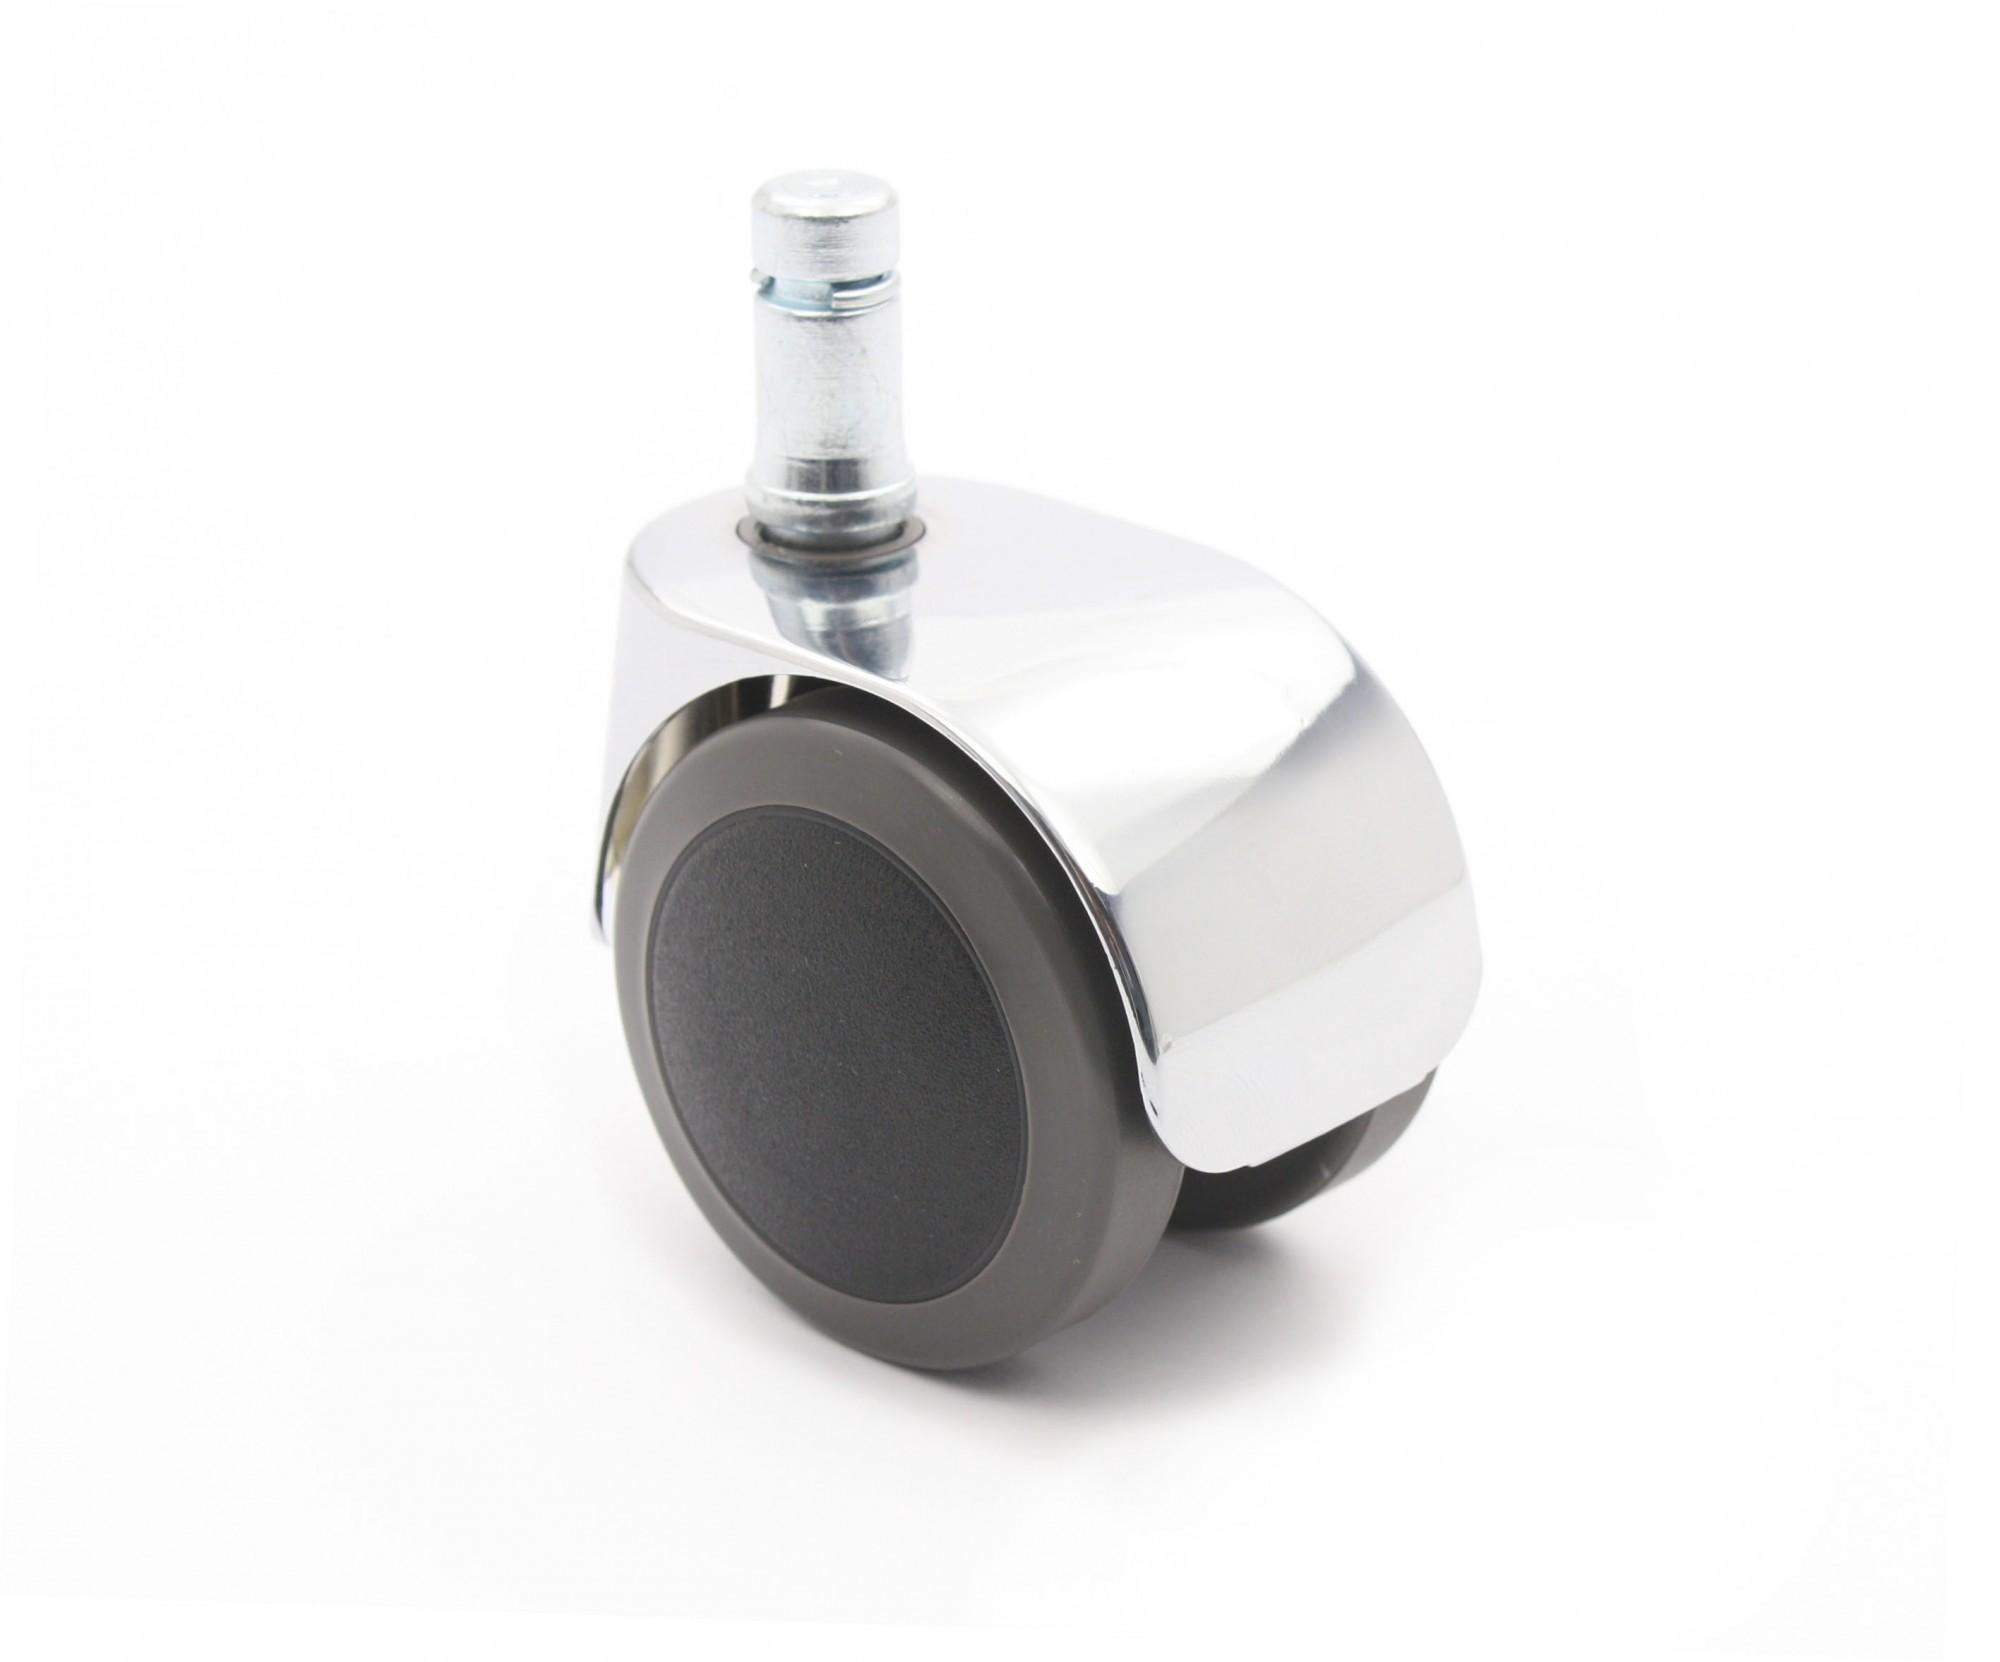 satz 5 st ck b rostuhl doppelrollen durchmesser 50 mm weiche radbandage bauteile zubeh r. Black Bedroom Furniture Sets. Home Design Ideas